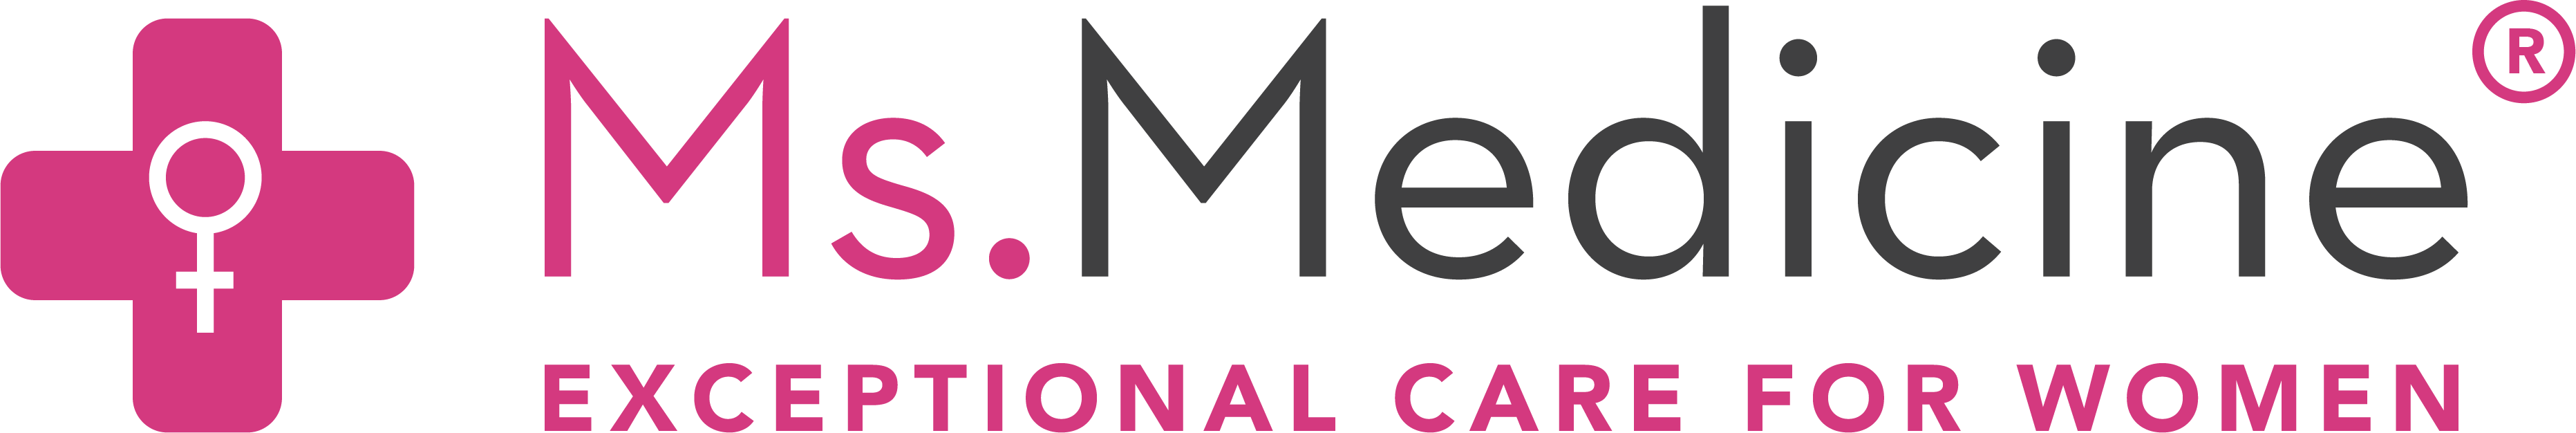 msmedicine_final_registered-05